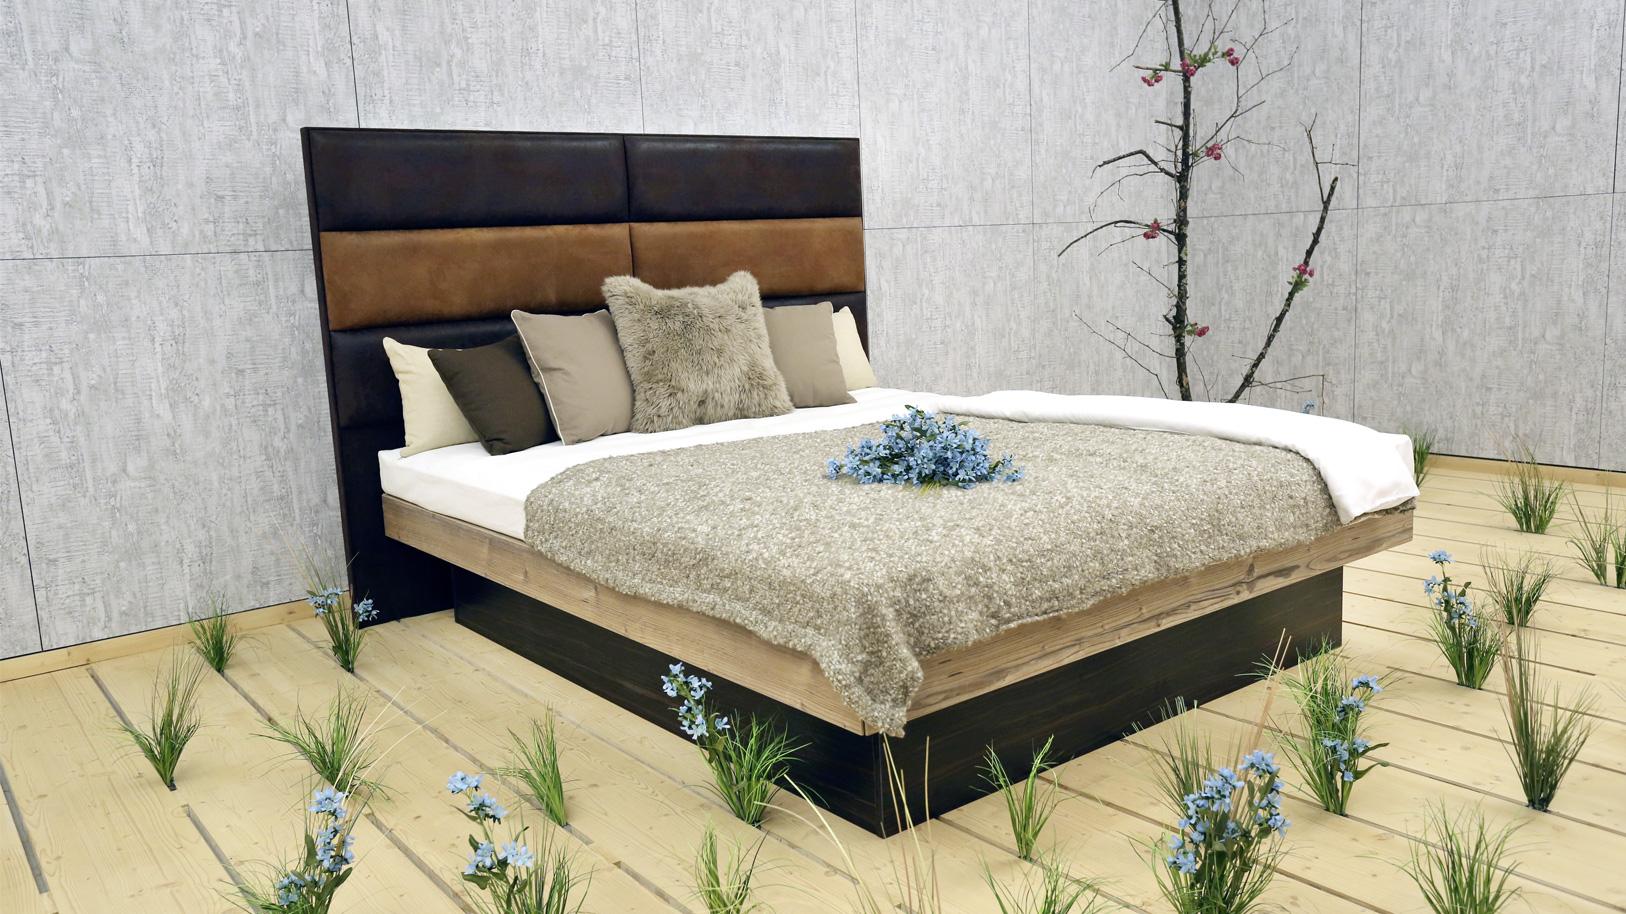 wasserbetten und service f r wasserbetten horizont betten. Black Bedroom Furniture Sets. Home Design Ideas